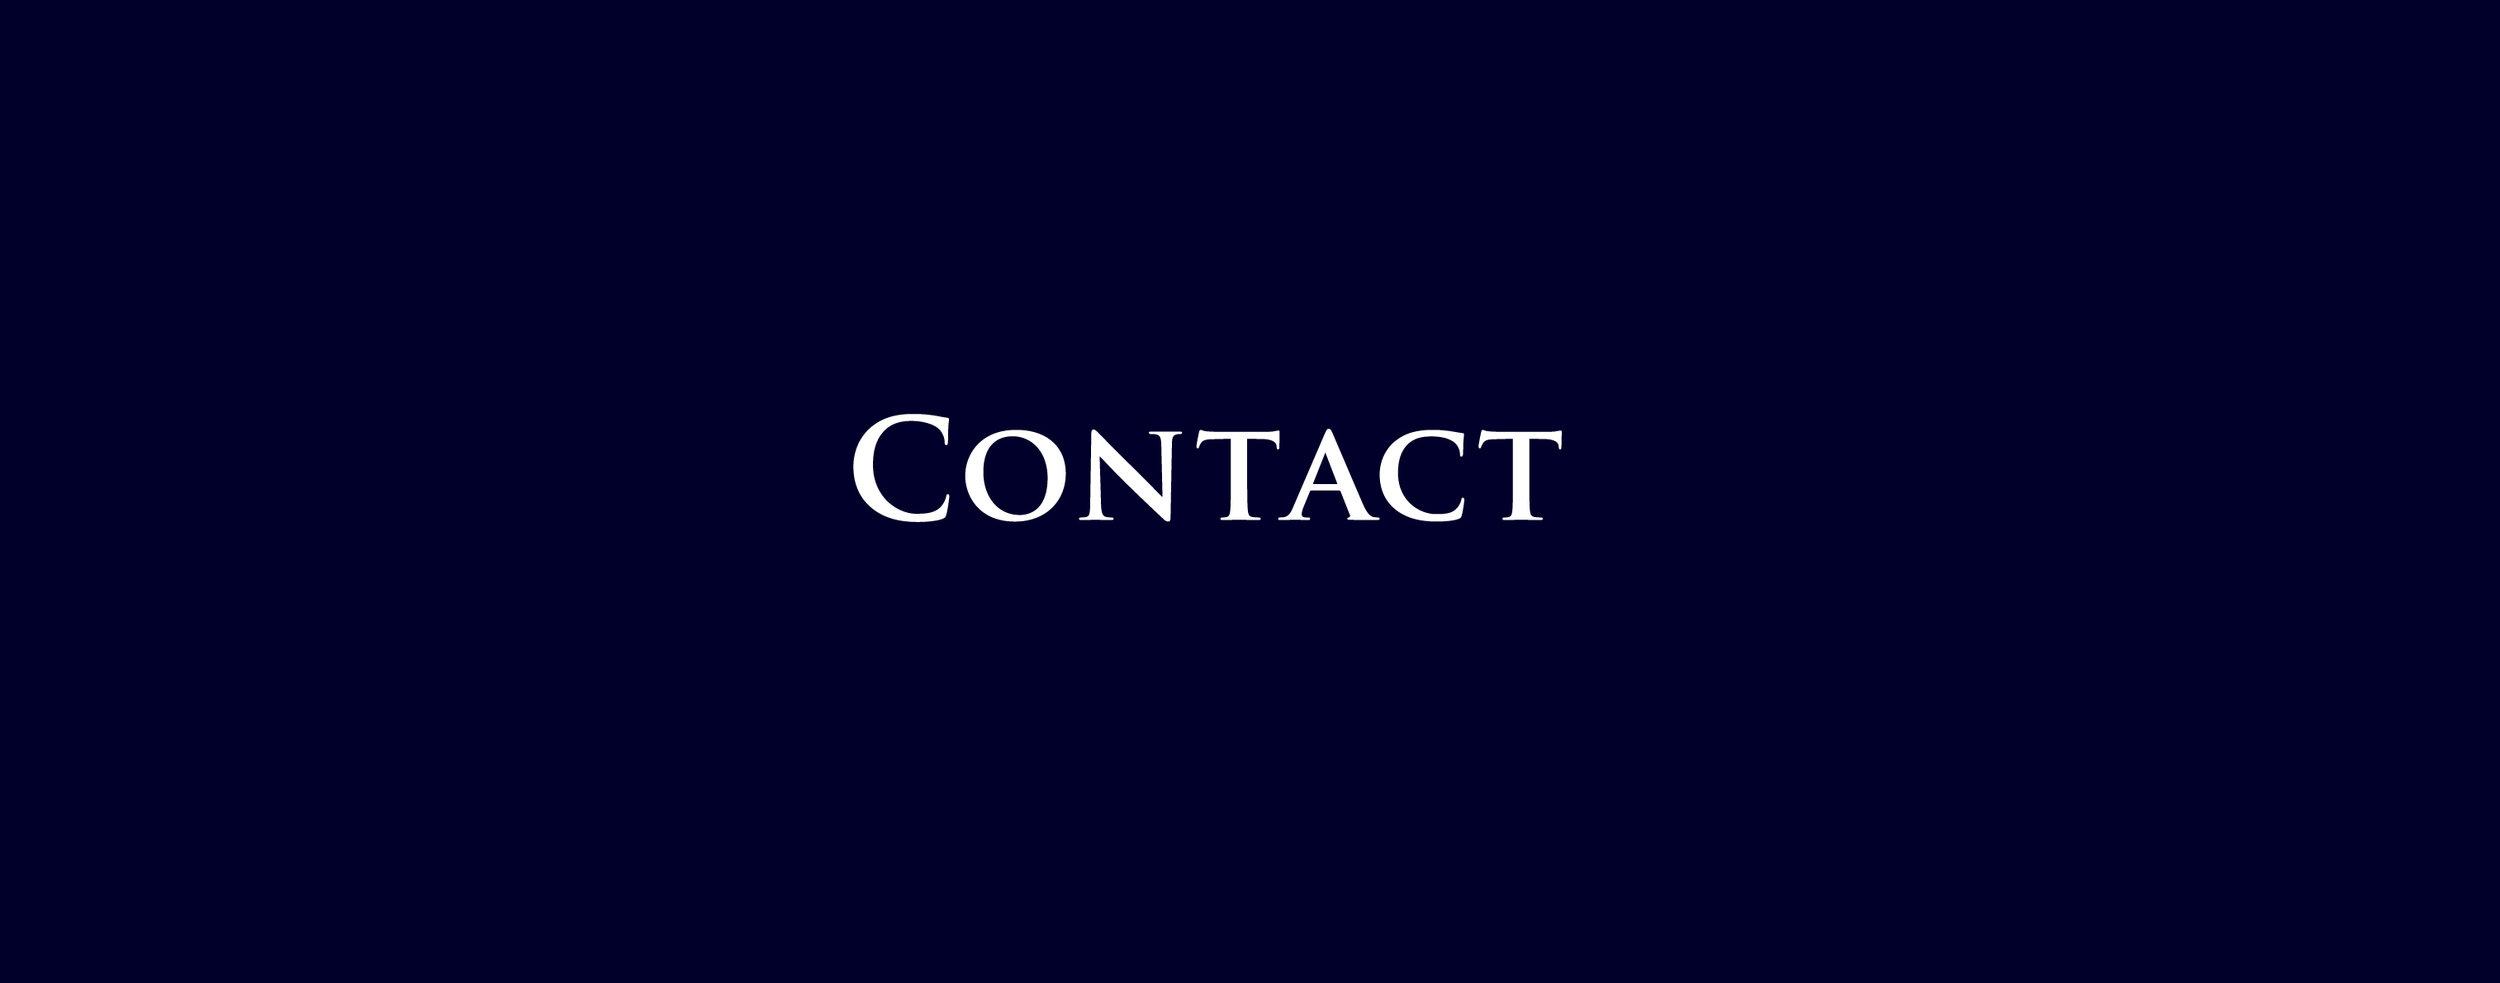 contact_header.jpg